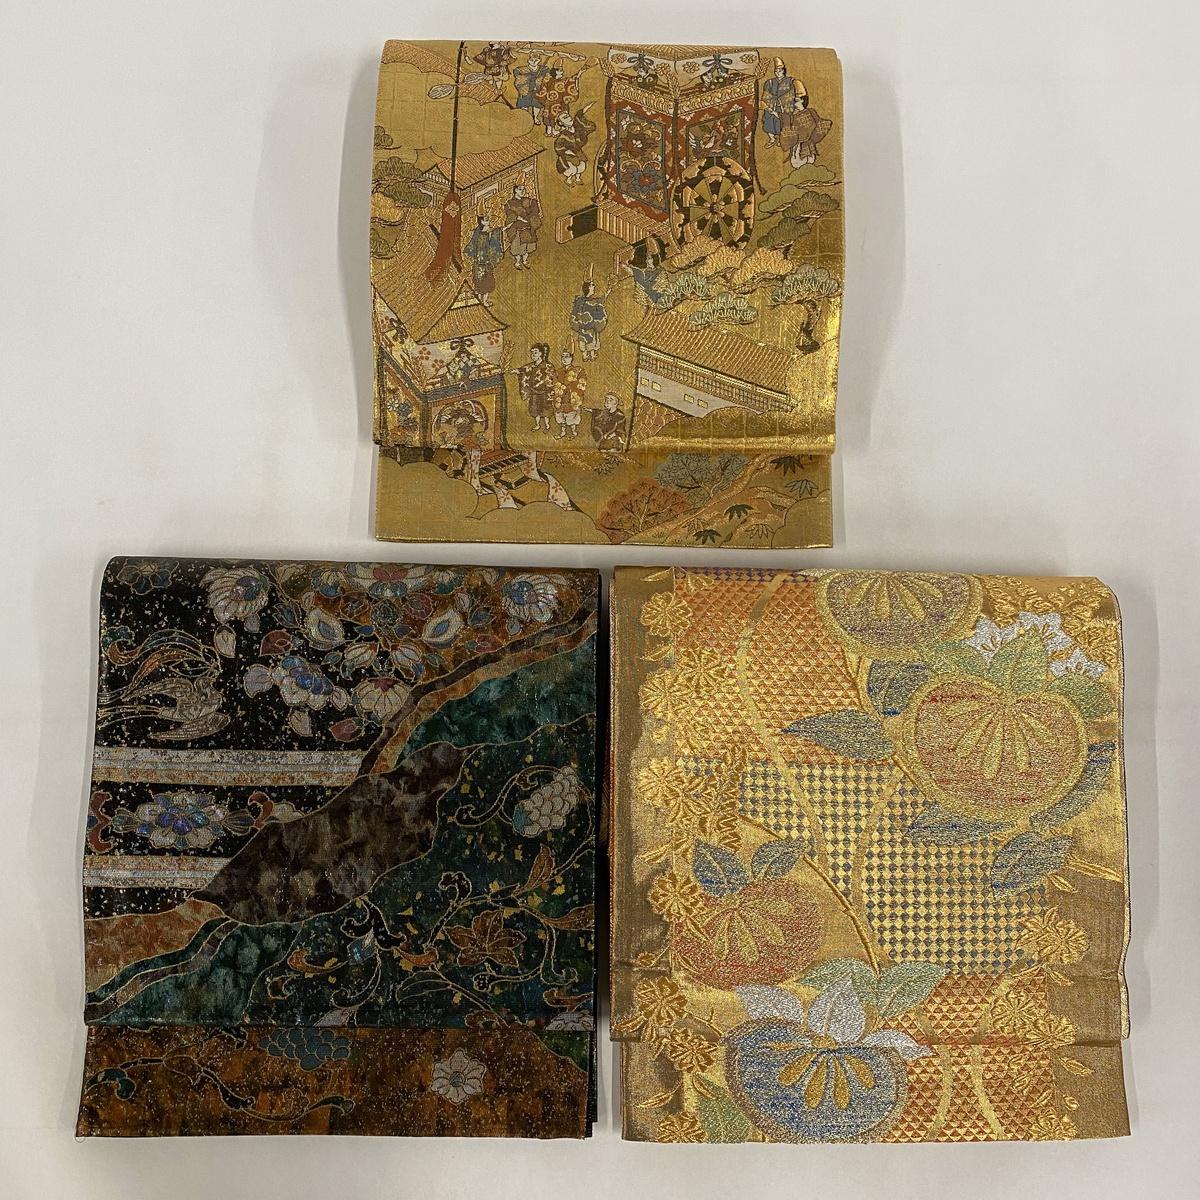 帯セット 秀品 袋帯3点セット (1)金色 (2)緑色 (3)金色 正絹 【中古】